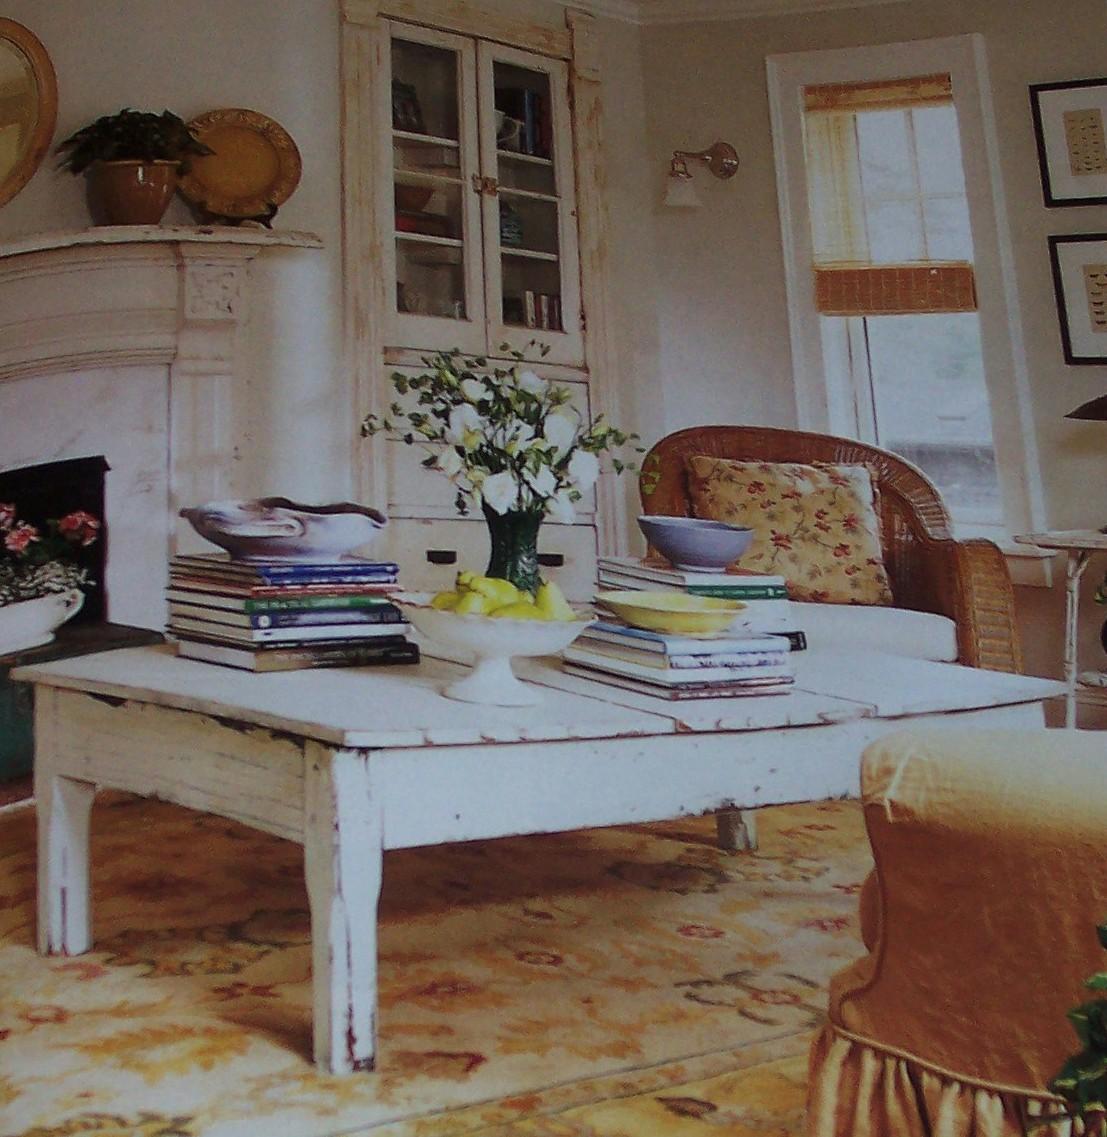 j d mack crafts coffee tables. Black Bedroom Furniture Sets. Home Design Ideas